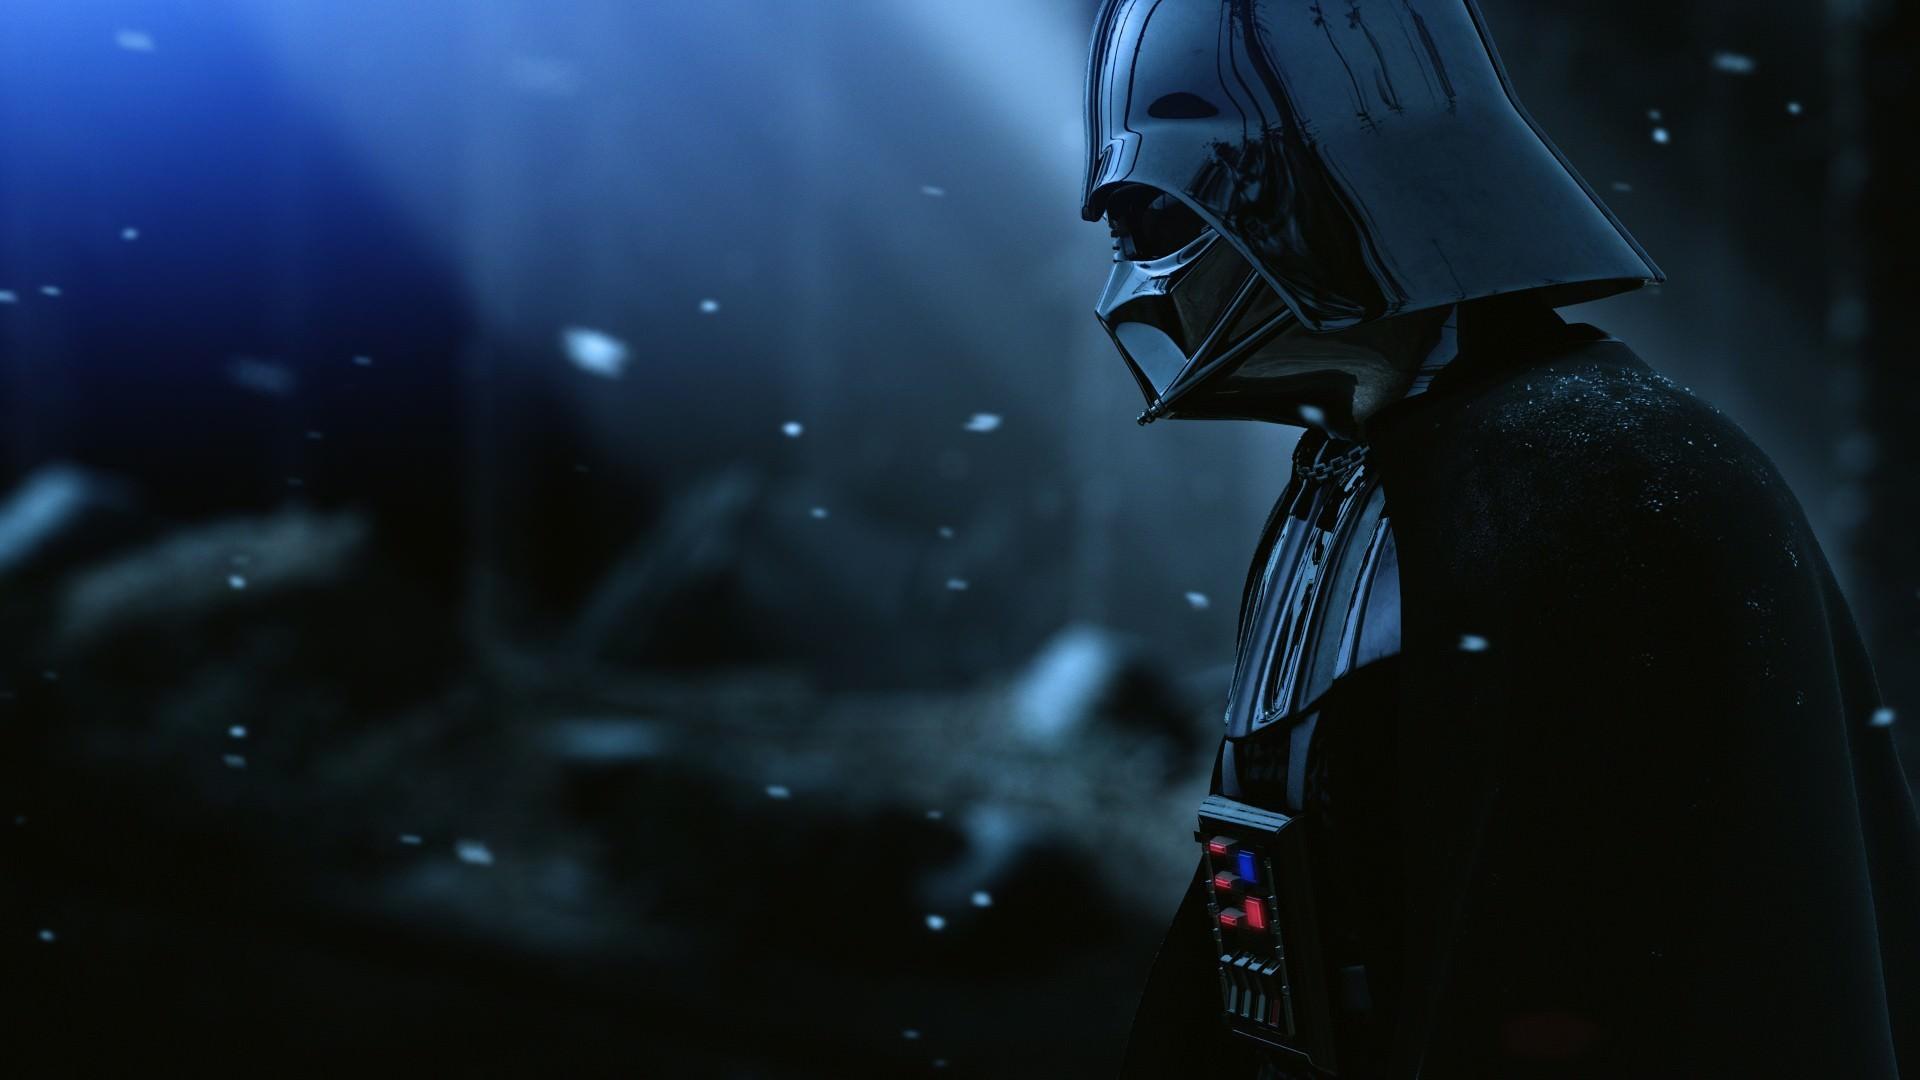 Darth Vader Star Wars Wallpaper